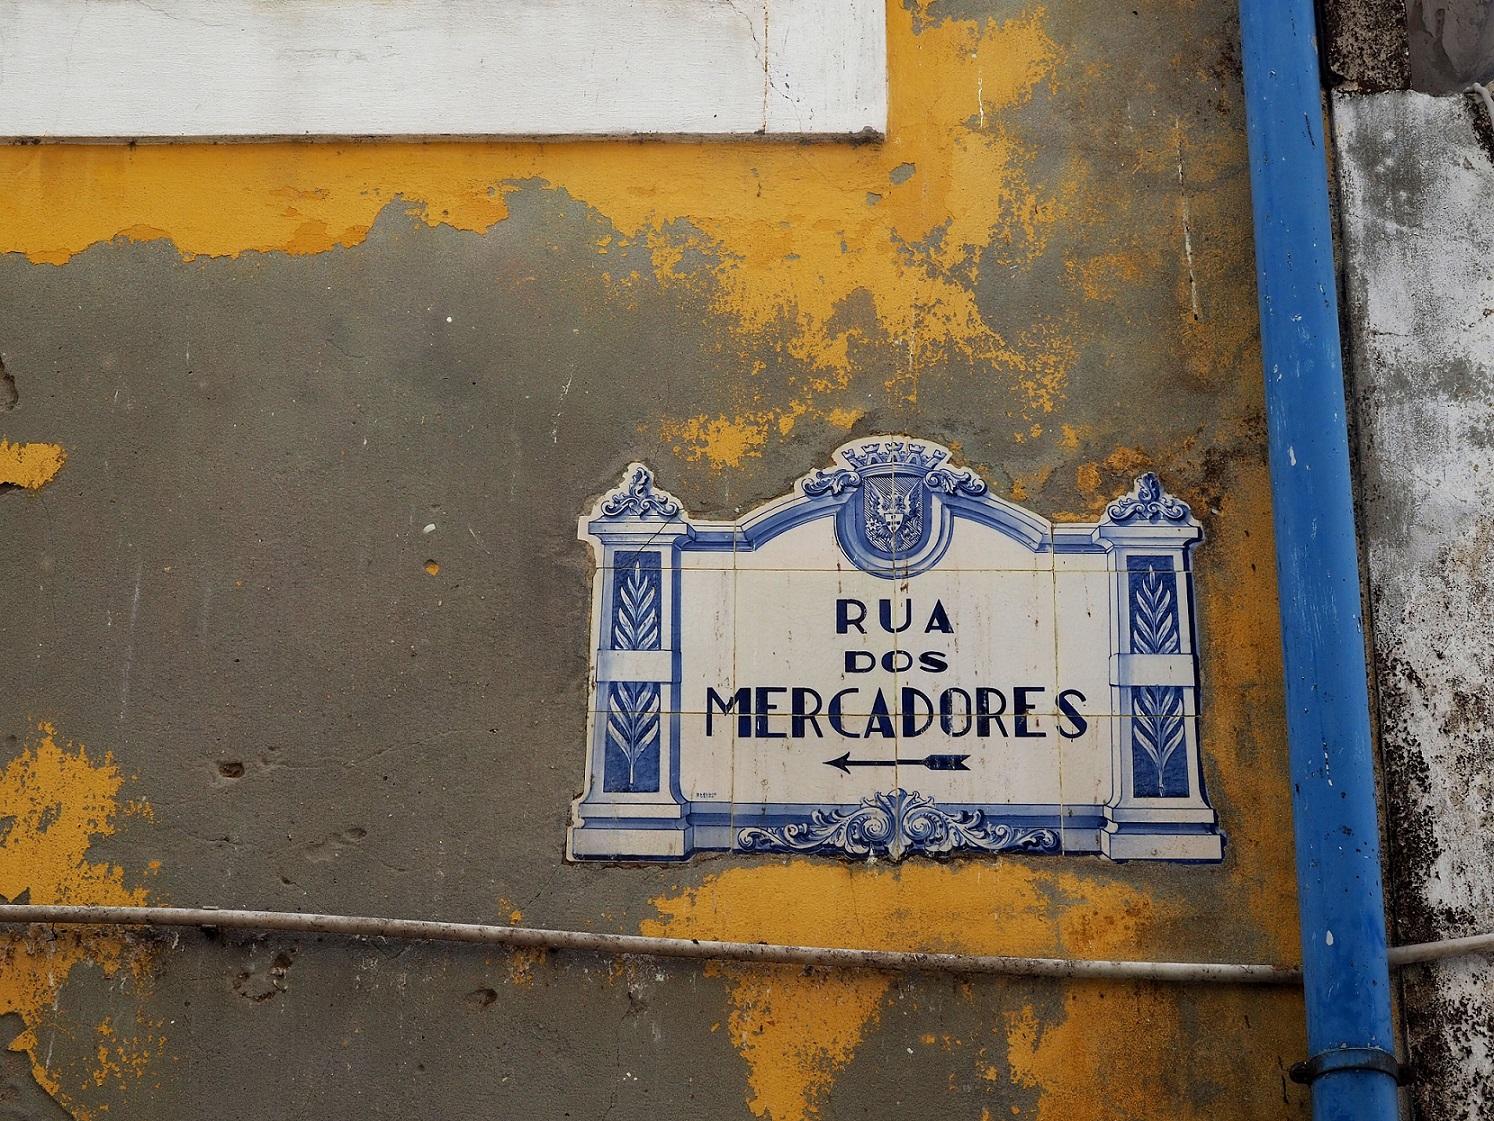 Rua des Mercadores à Aveiro au Portugal